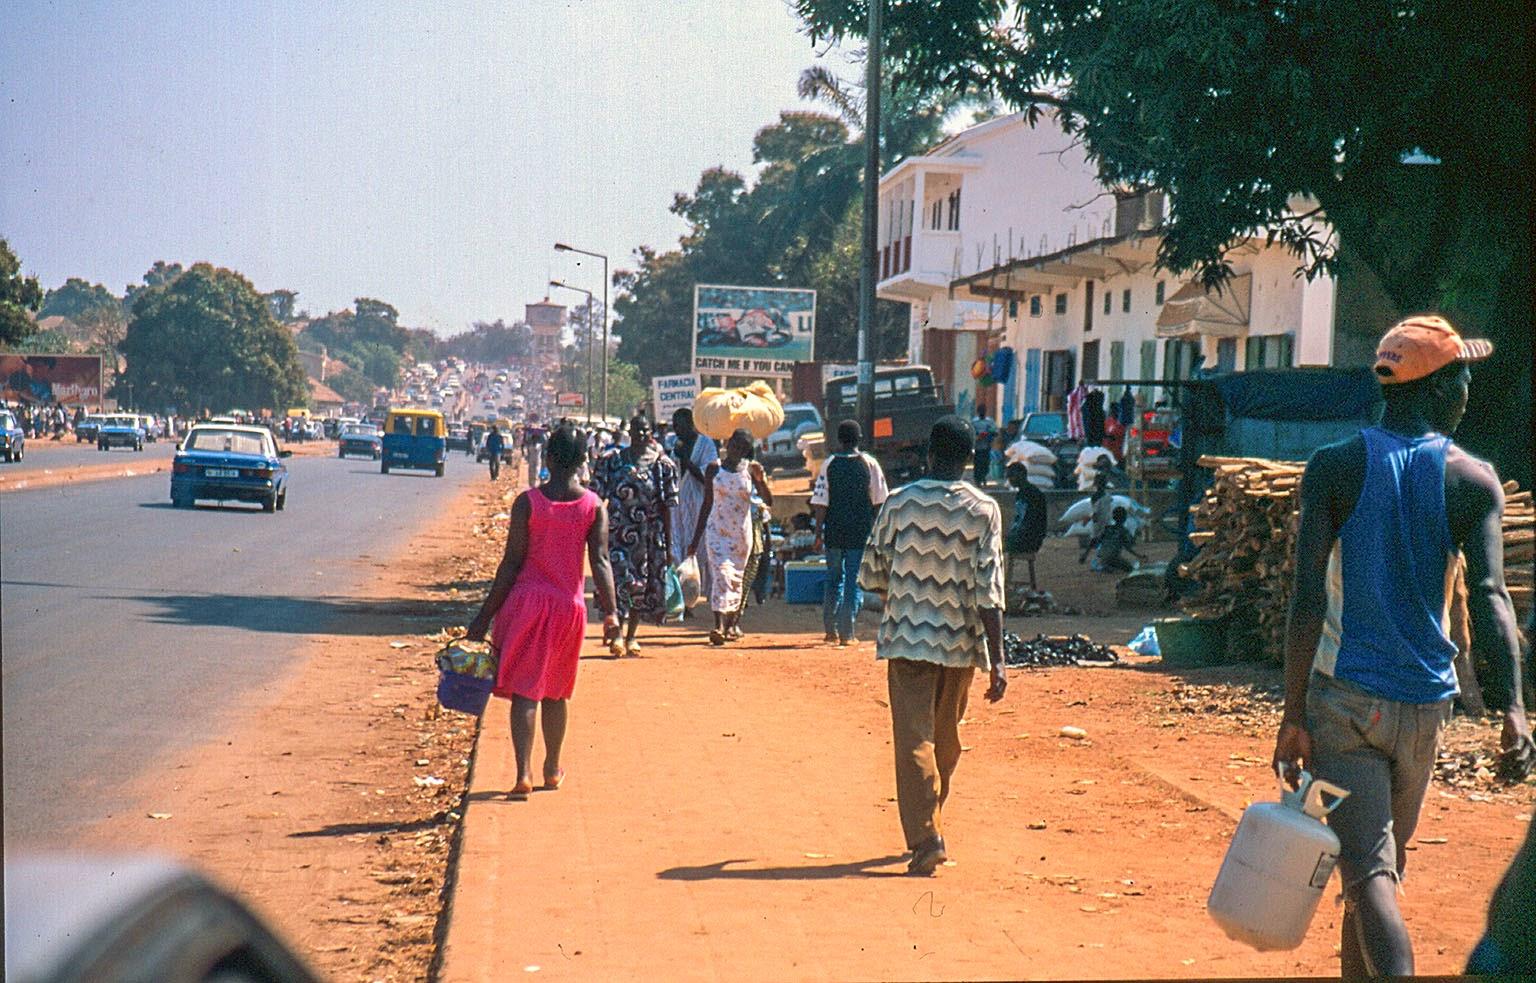 Guinea Bissu alrededores del mercado Bandin